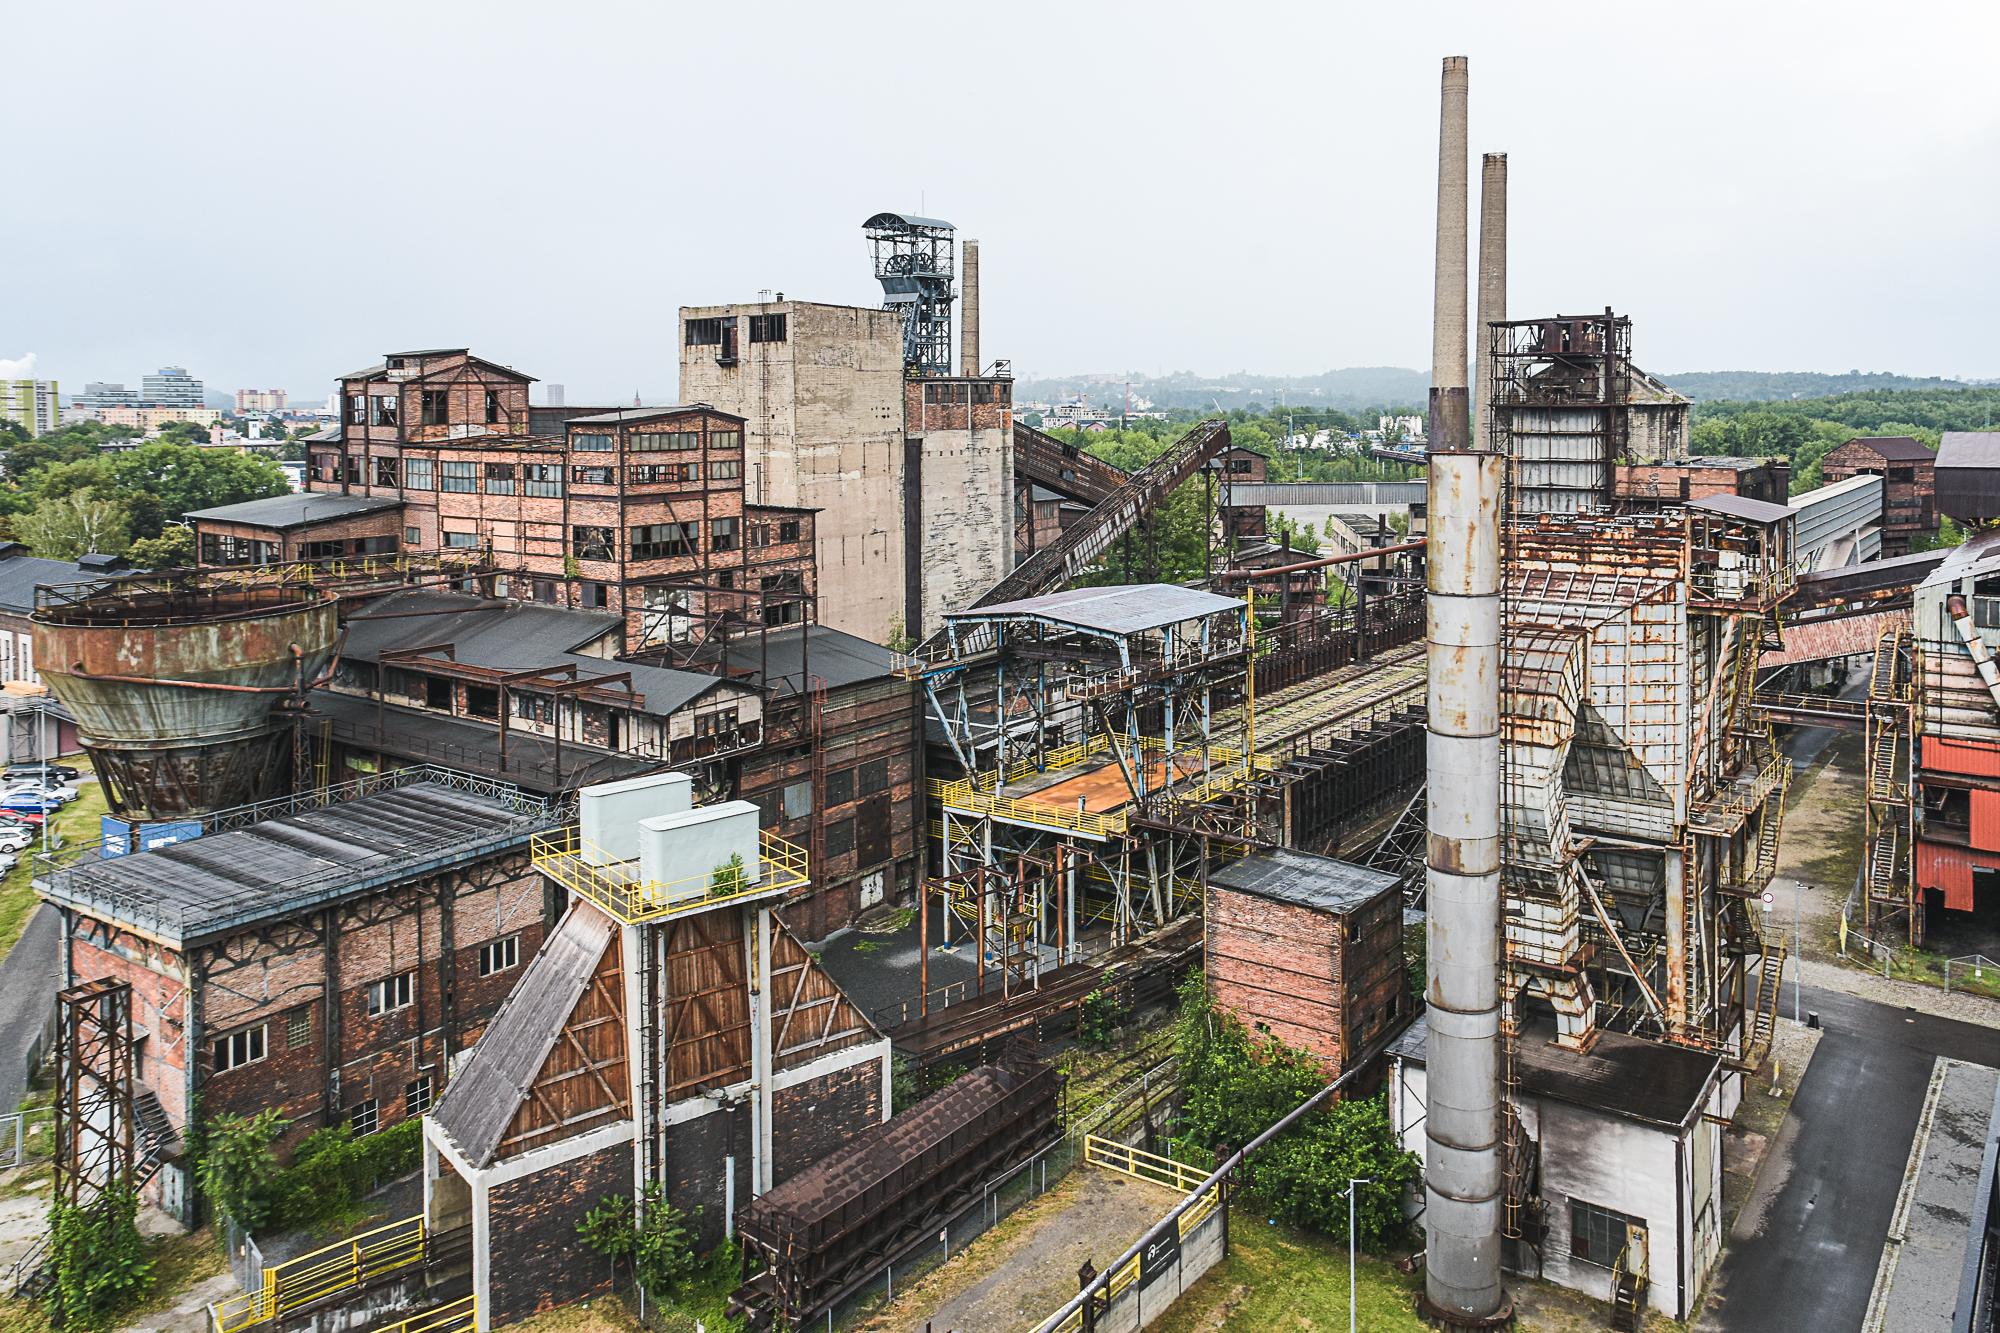 Foto fabbrica abbandonata